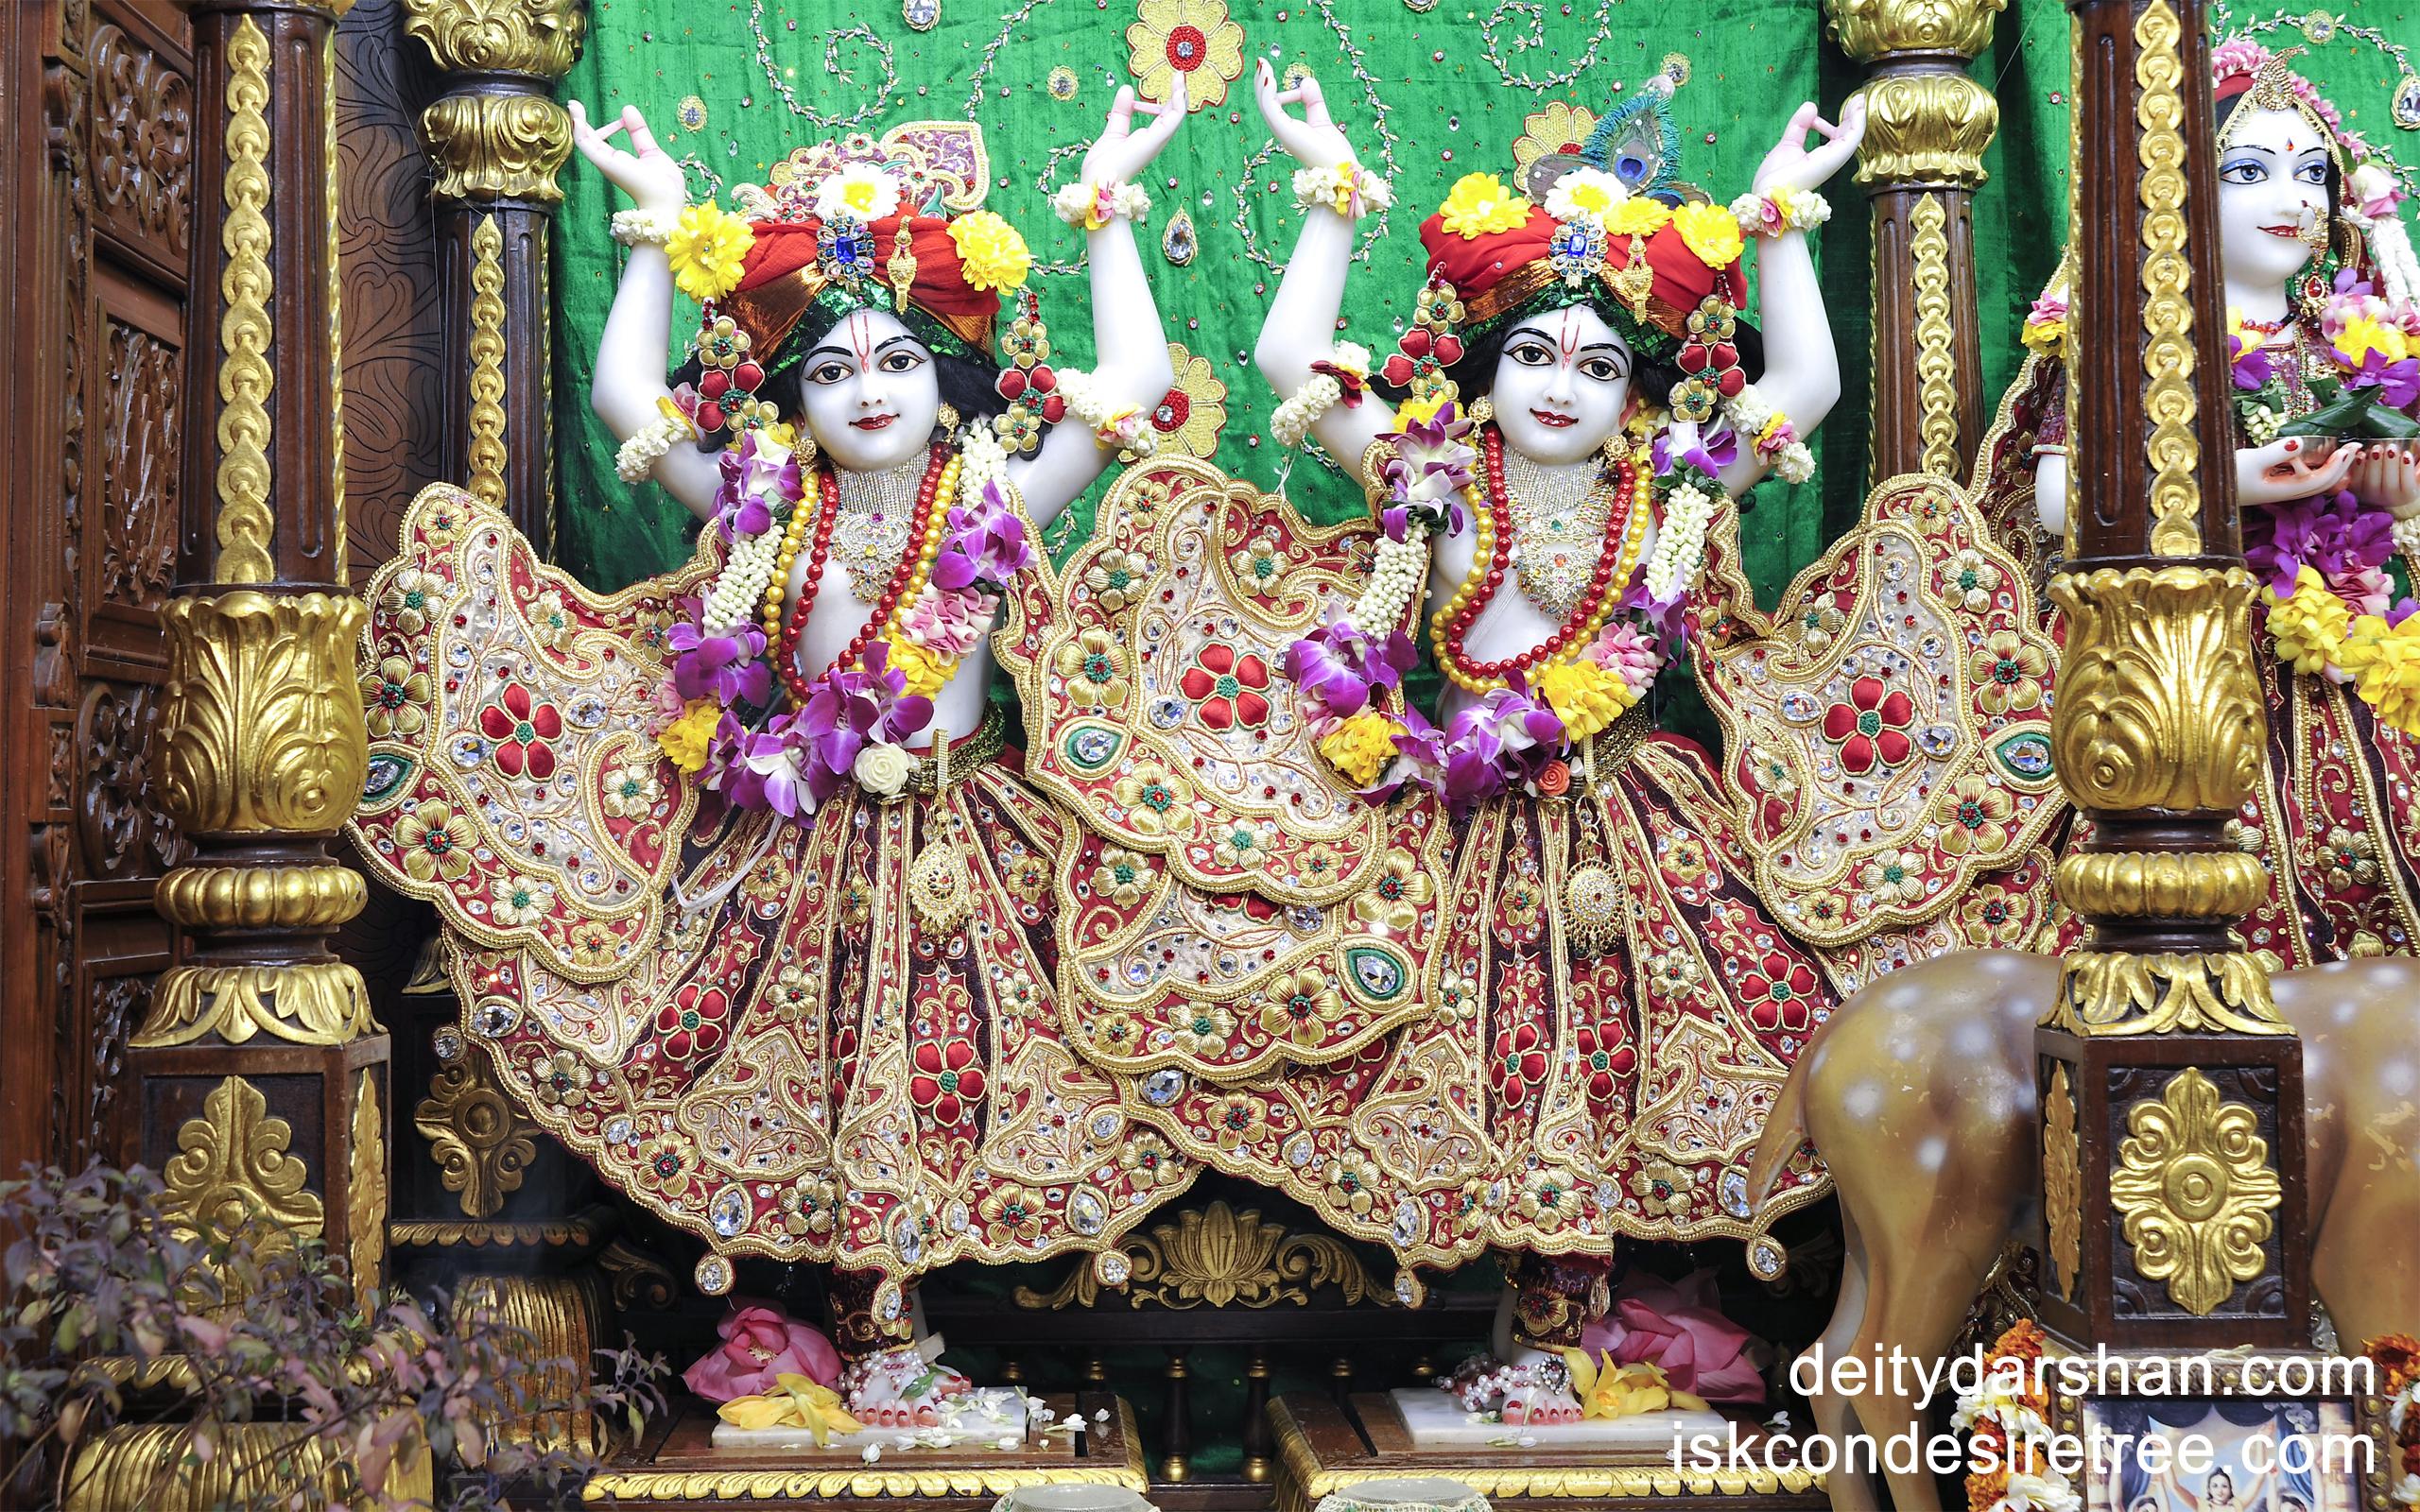 Sri Sri Nitai Gaurachandra Wallpaper (008) Size 2560x1600 Download